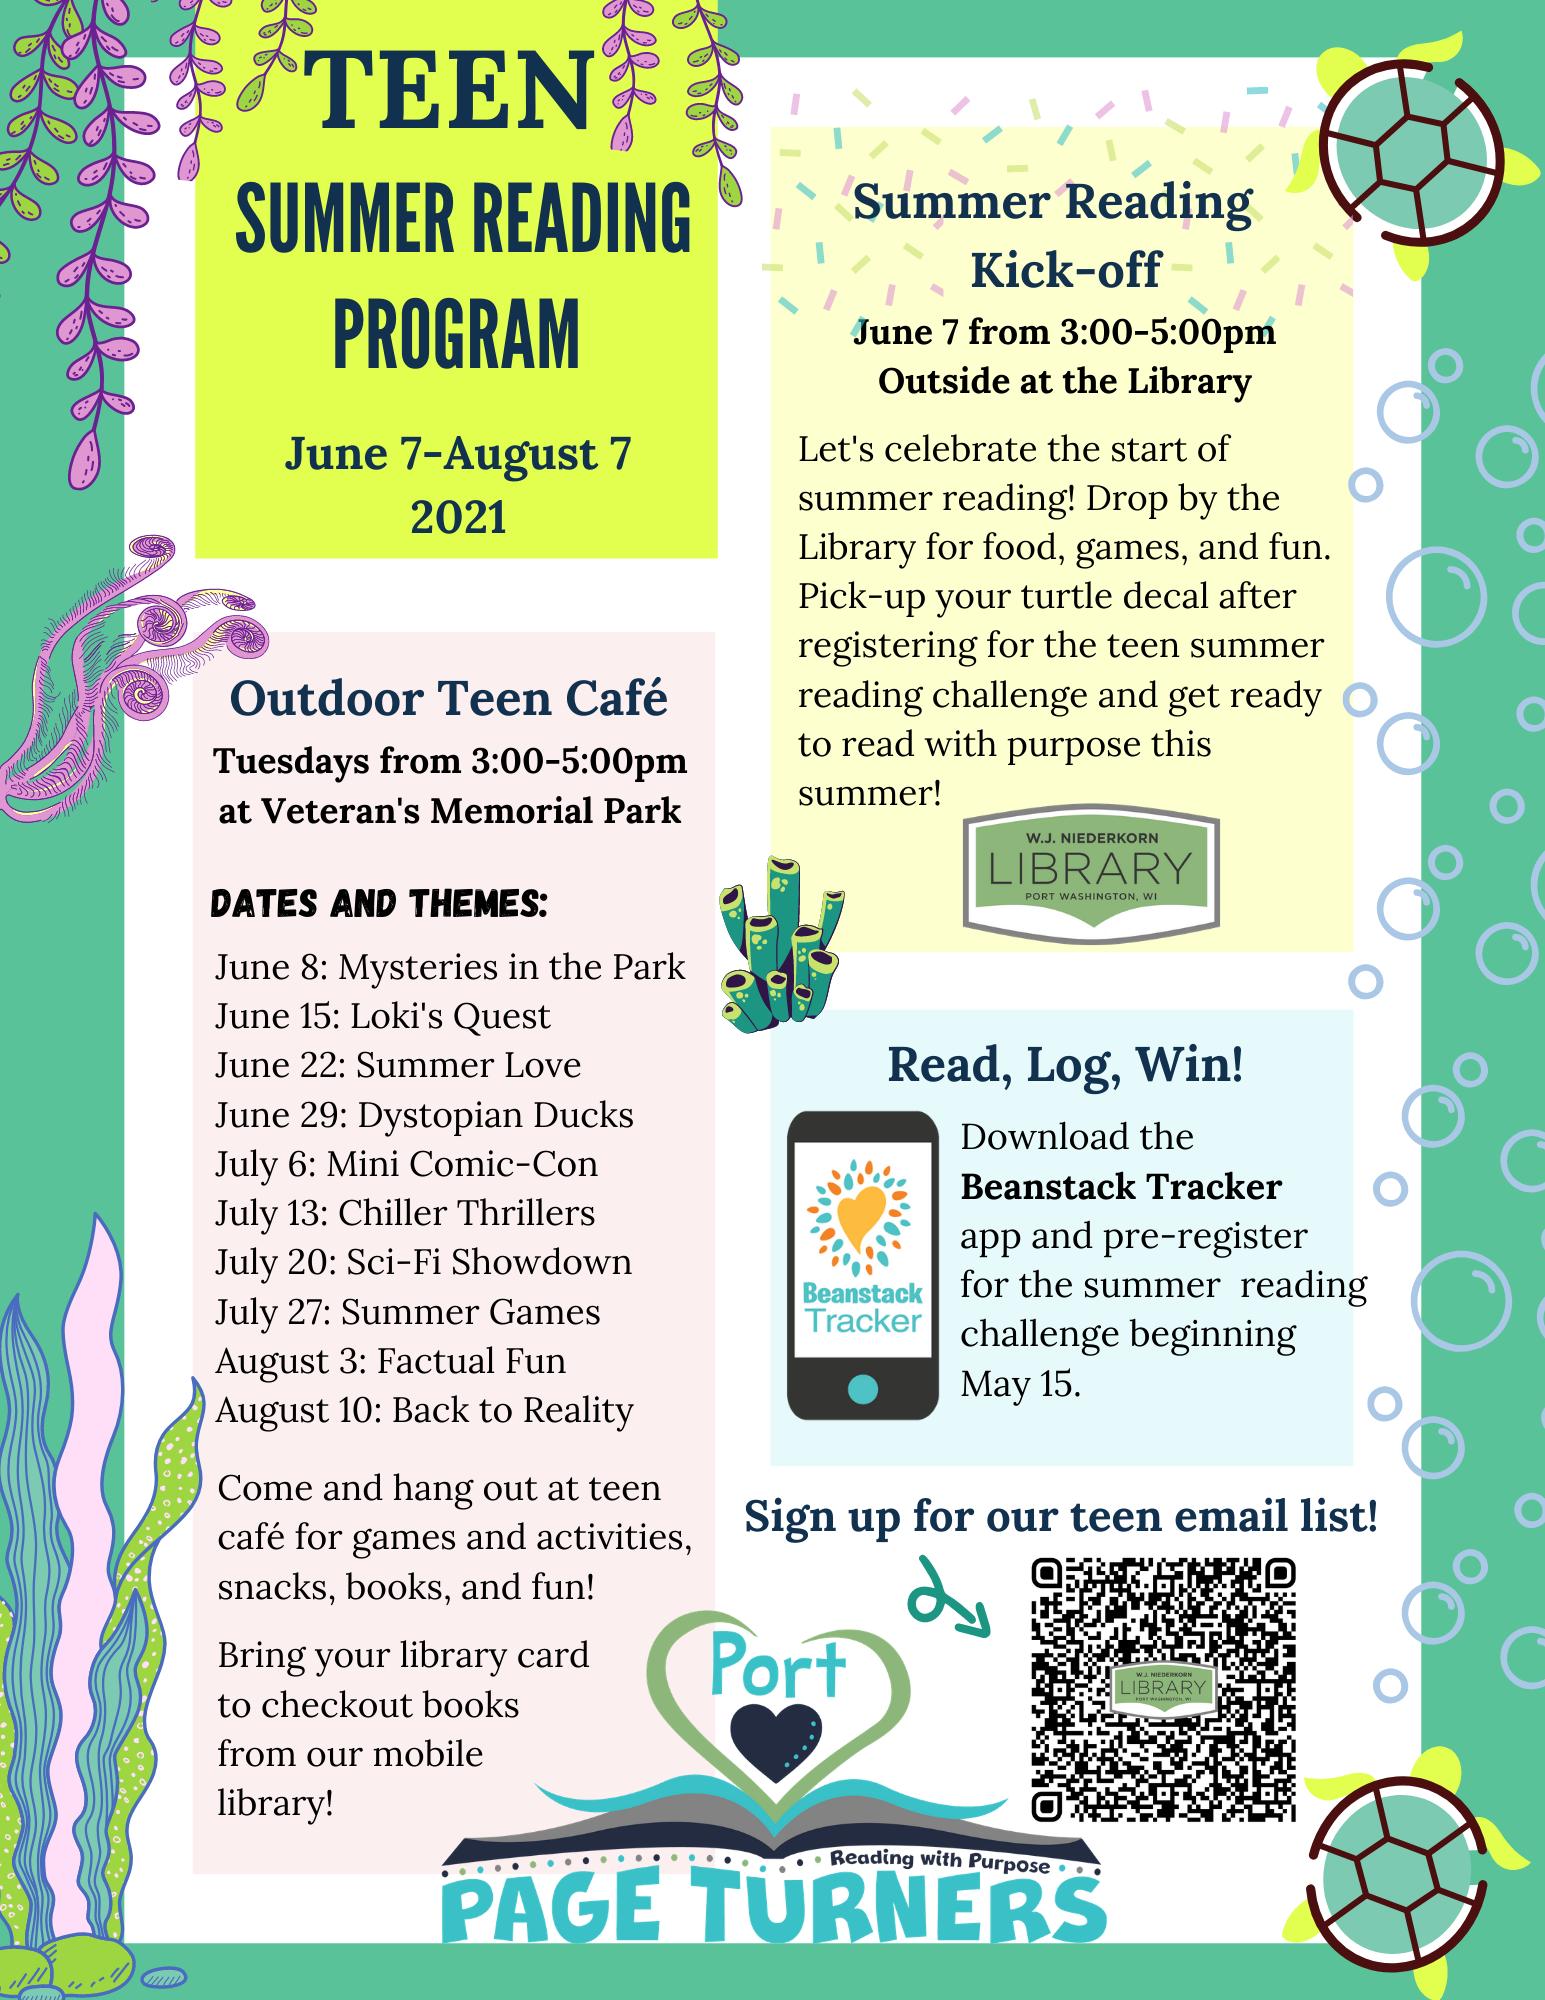 Teen Summer Reading Program flyer